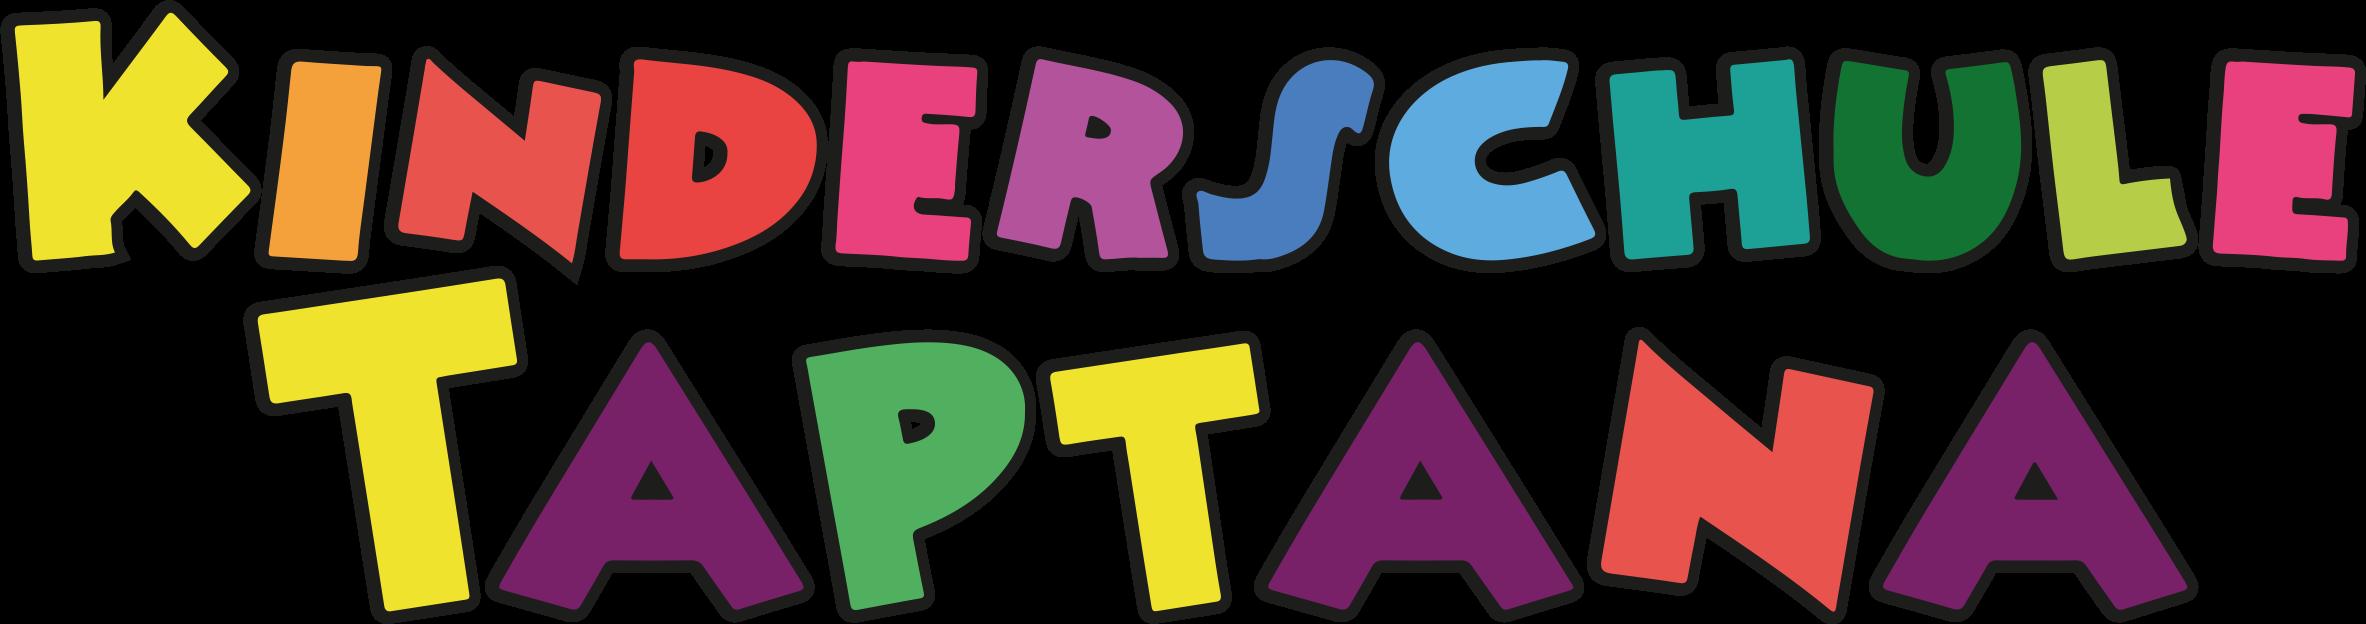 Taptana